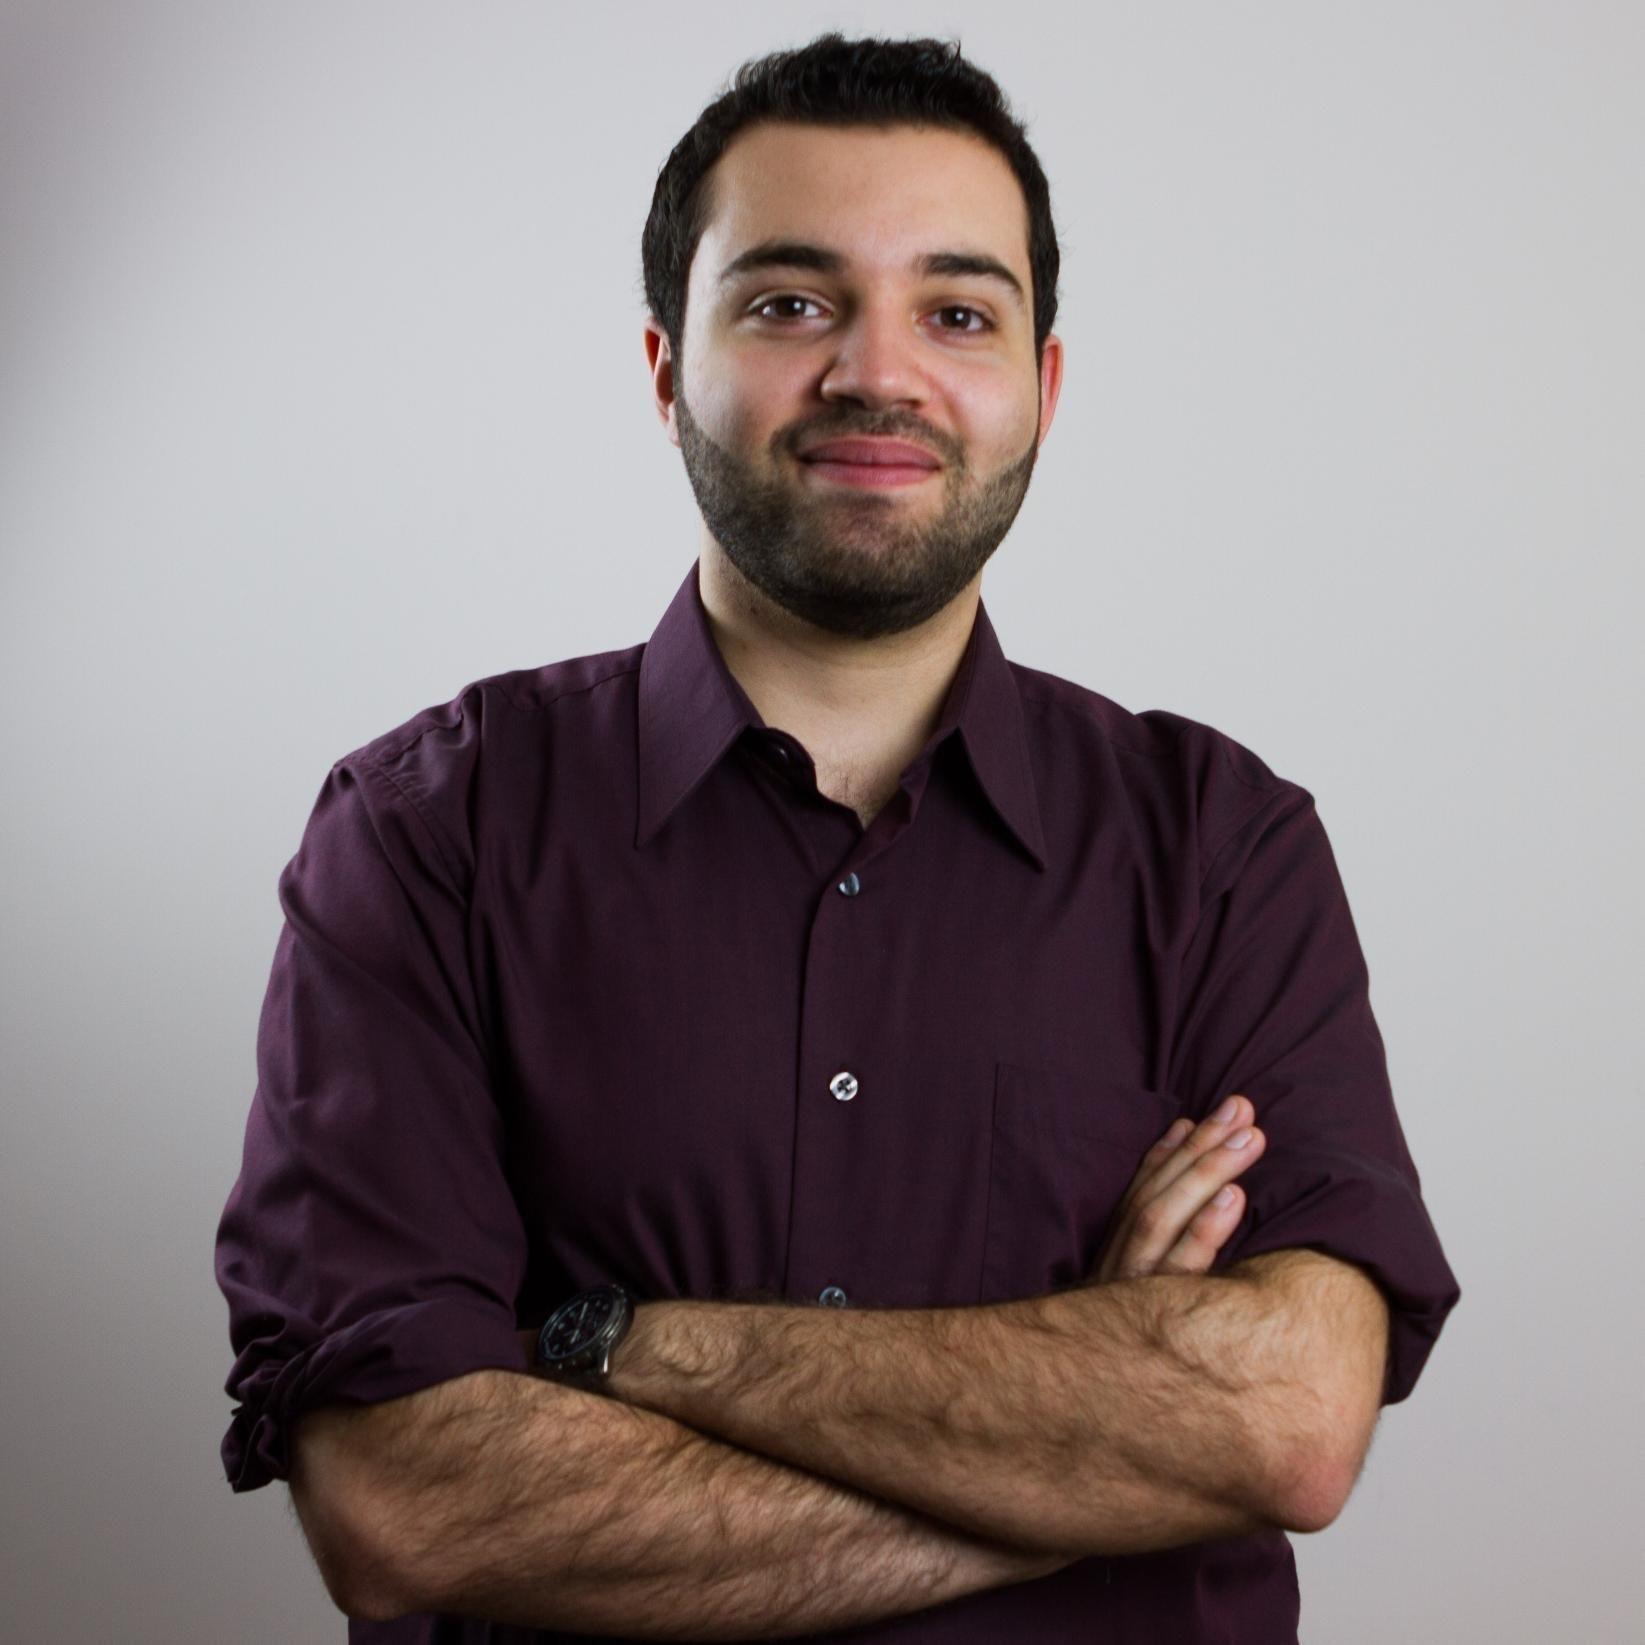 Seaf AL-munayer